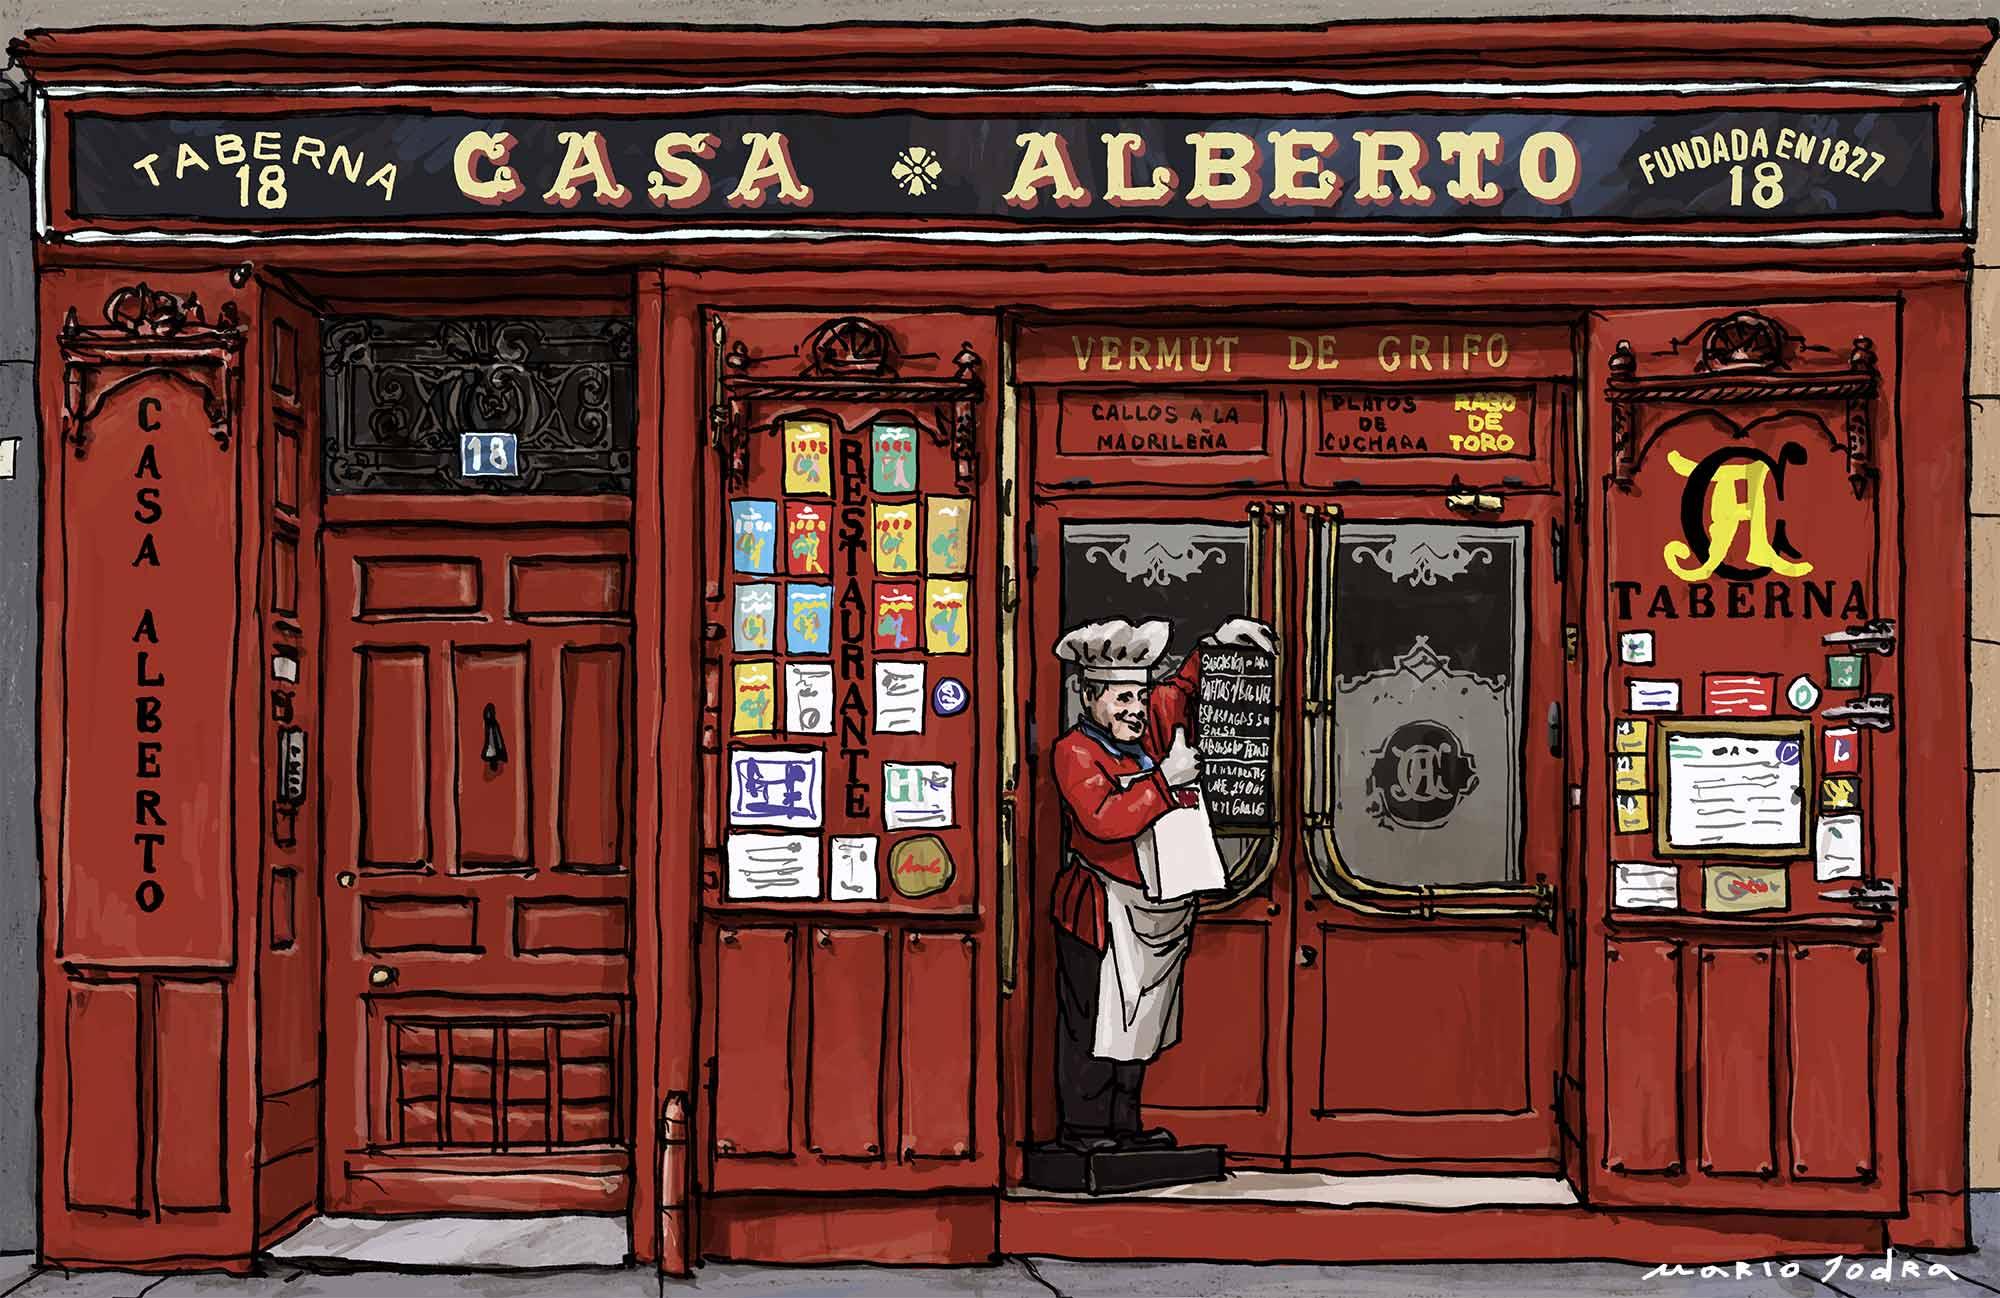 Mario Jodra illustration Art - Casa Alberto. Madrid taverns. Since 1827